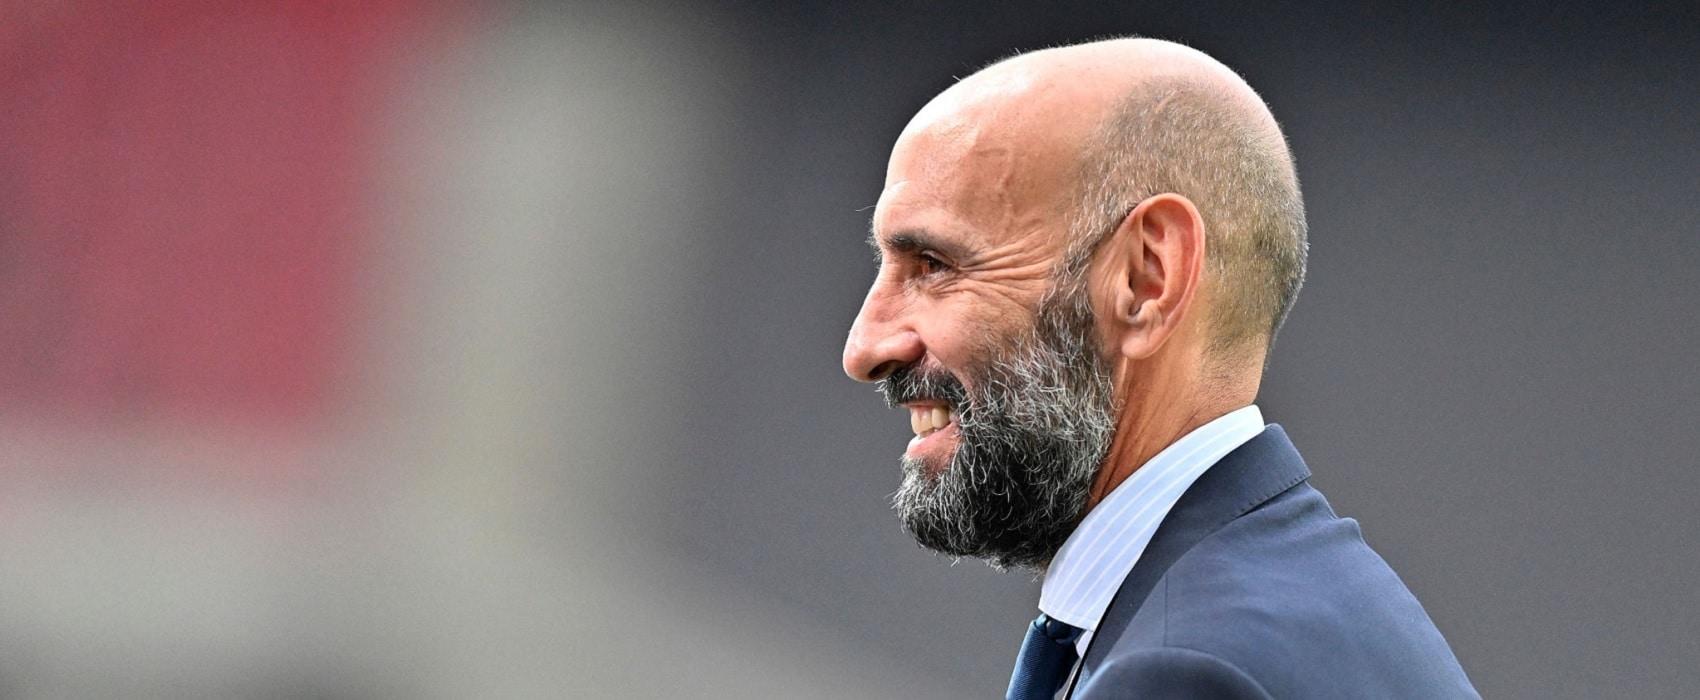 Monchi: nie mogę uwierzyć, że Manchester United nie ma dyrektora sportowego   ManUtd.pl - Serwis kibiców klubu Manchester United